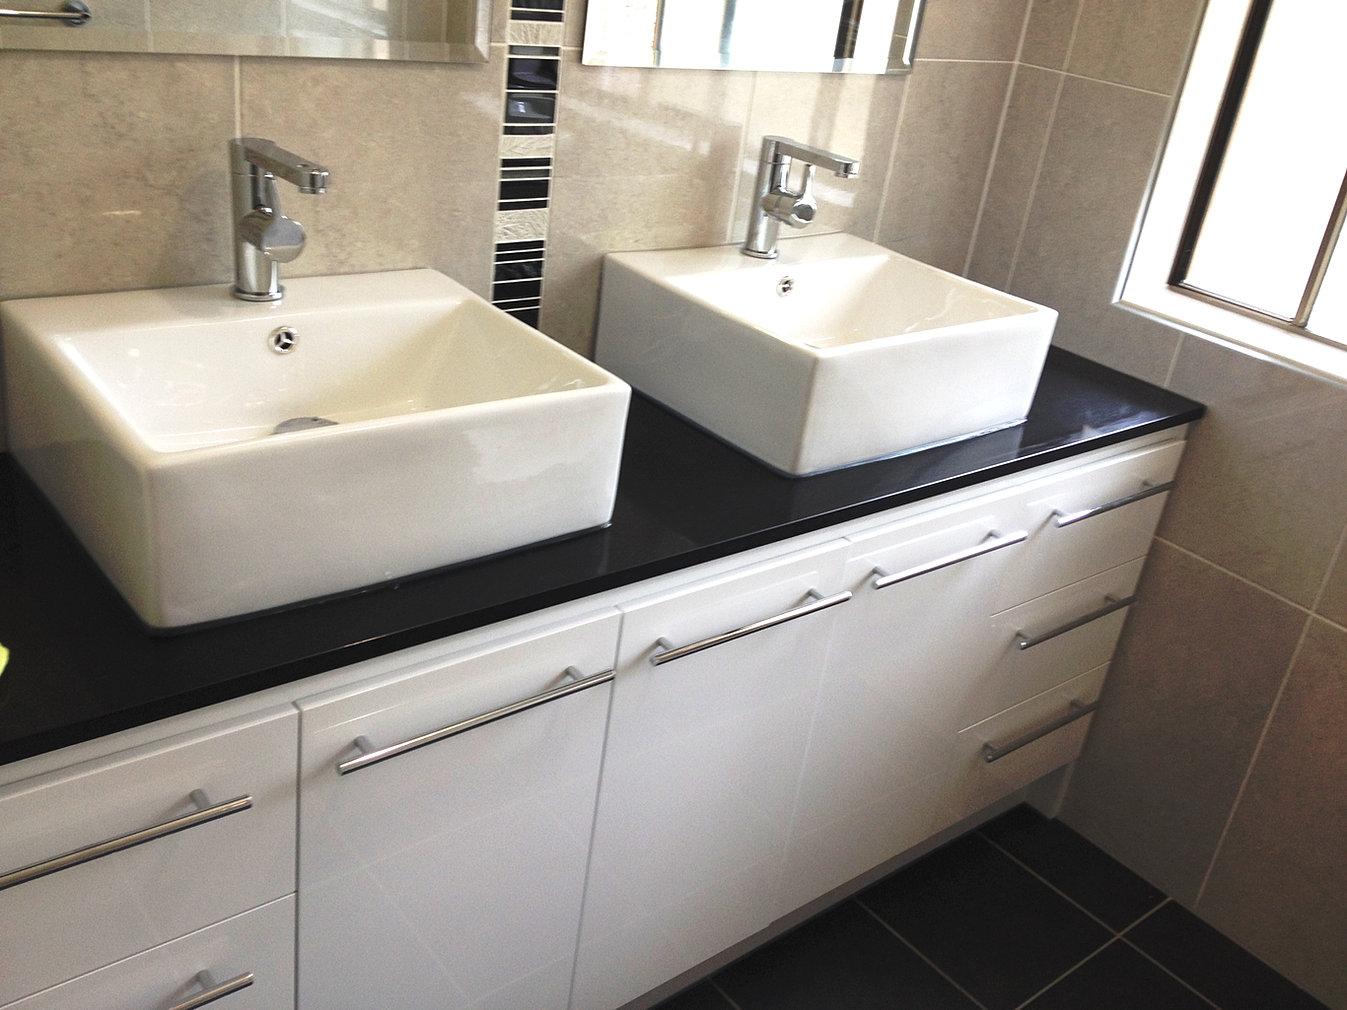 K.A.S Bathrooms | New and Bathroom Renovations Brisbane ...